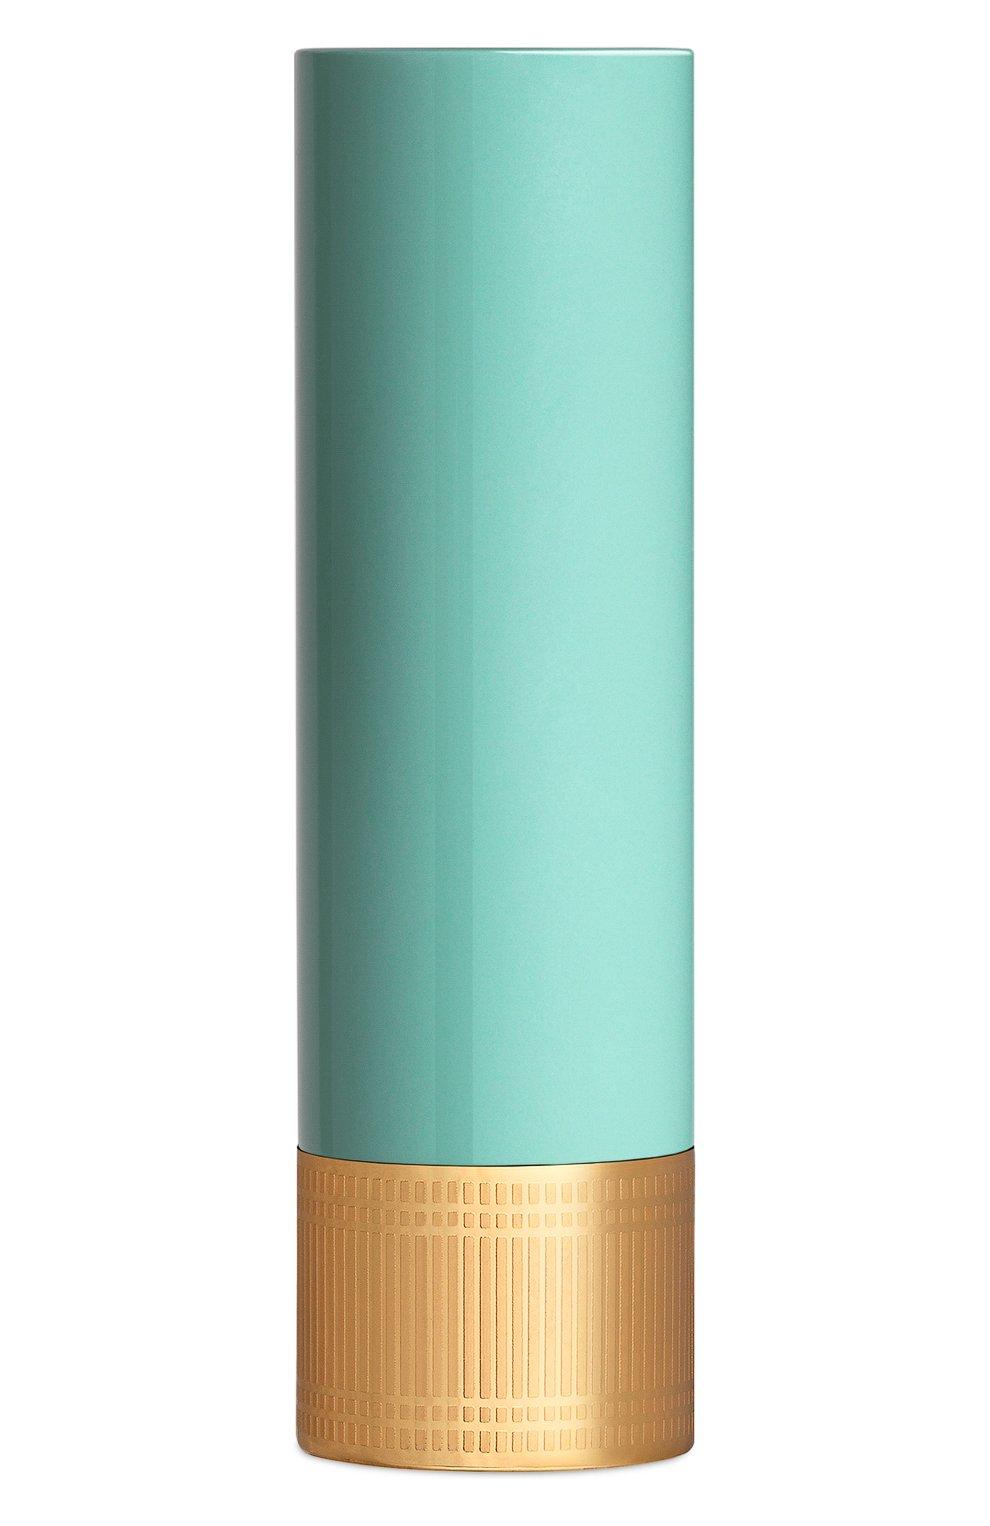 Женская помада-бальзам, оттенок 1 josly clair GUCCI бесцветного цвета, арт. 3614227749986 | Фото 2